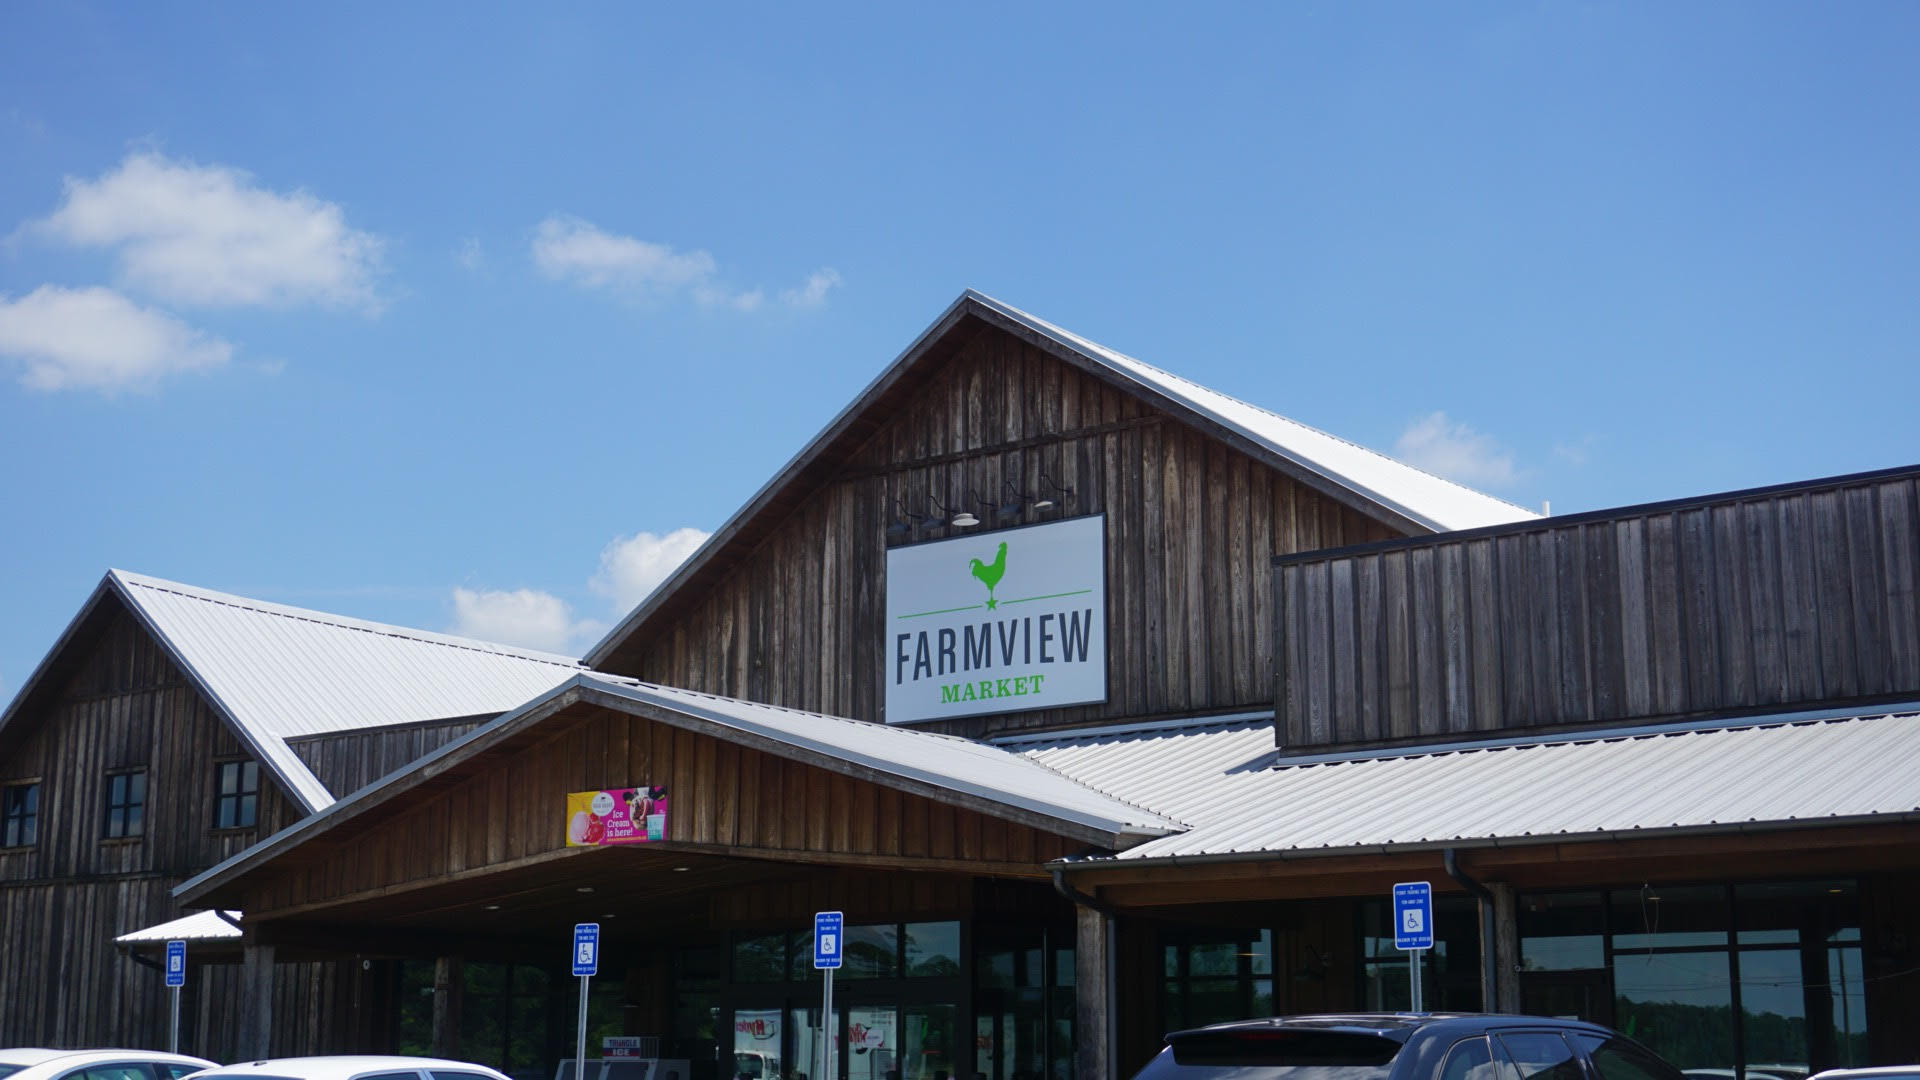 Farmview Market: Farmers Market